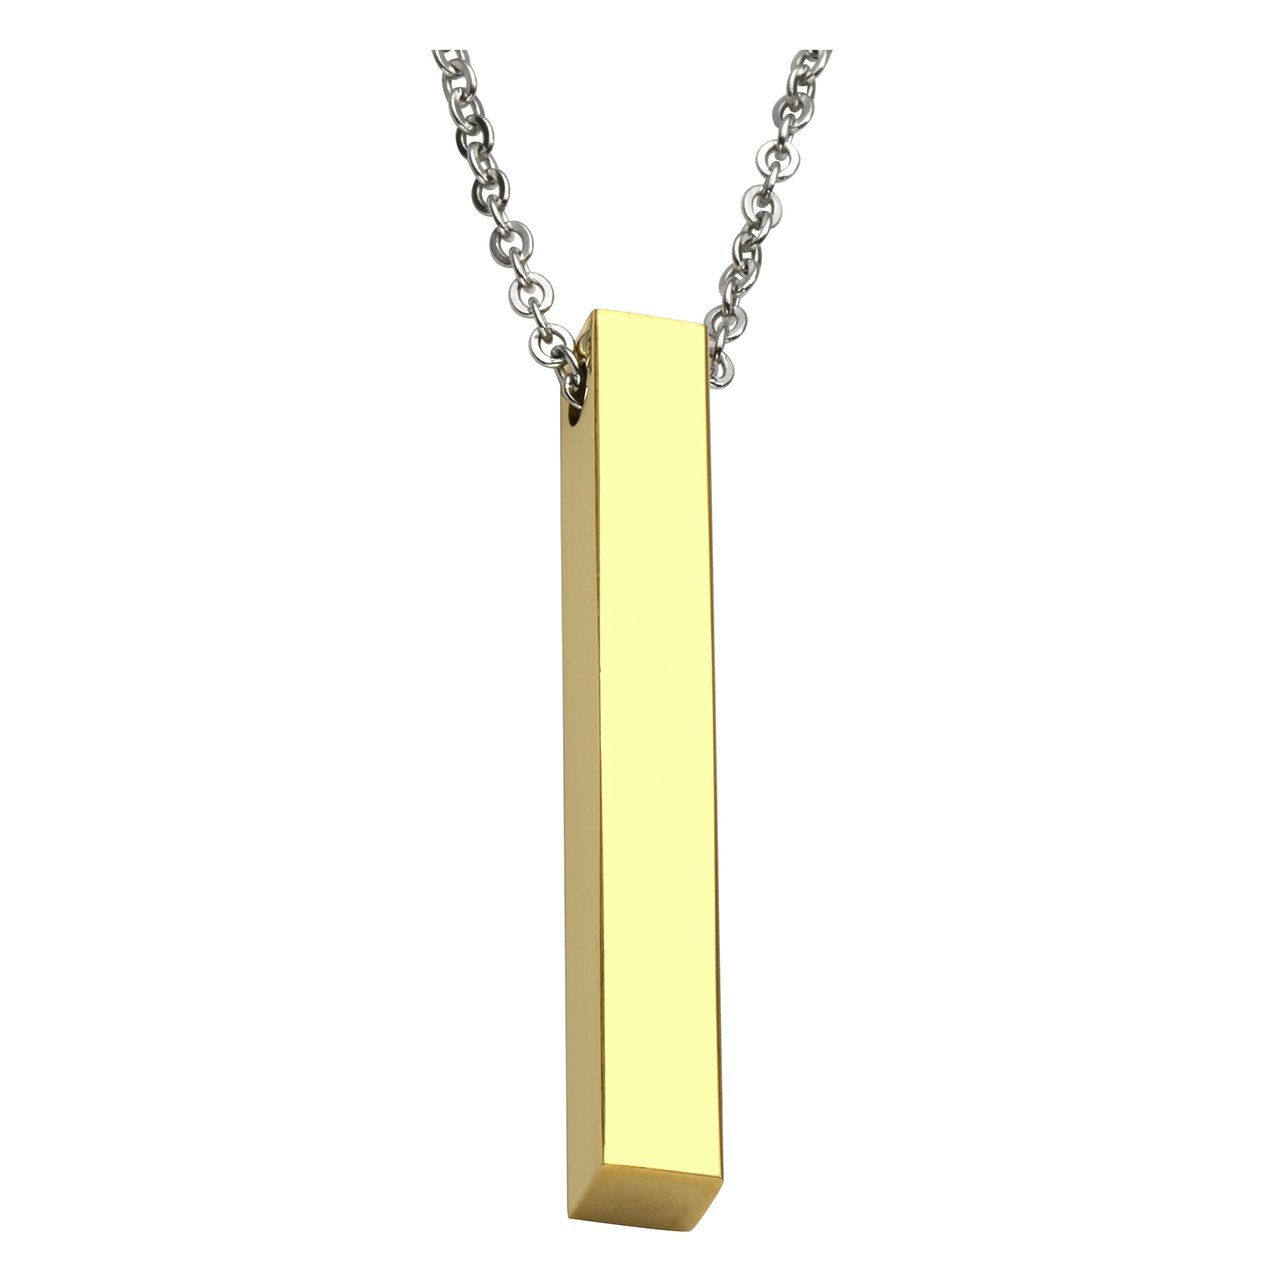 PiercingJ - Bijoux Collier Pendentif Gravure Personnalisée Poli Rectangle Style Militaire Armée Acier Inoxydable Cadeau AXFR18538